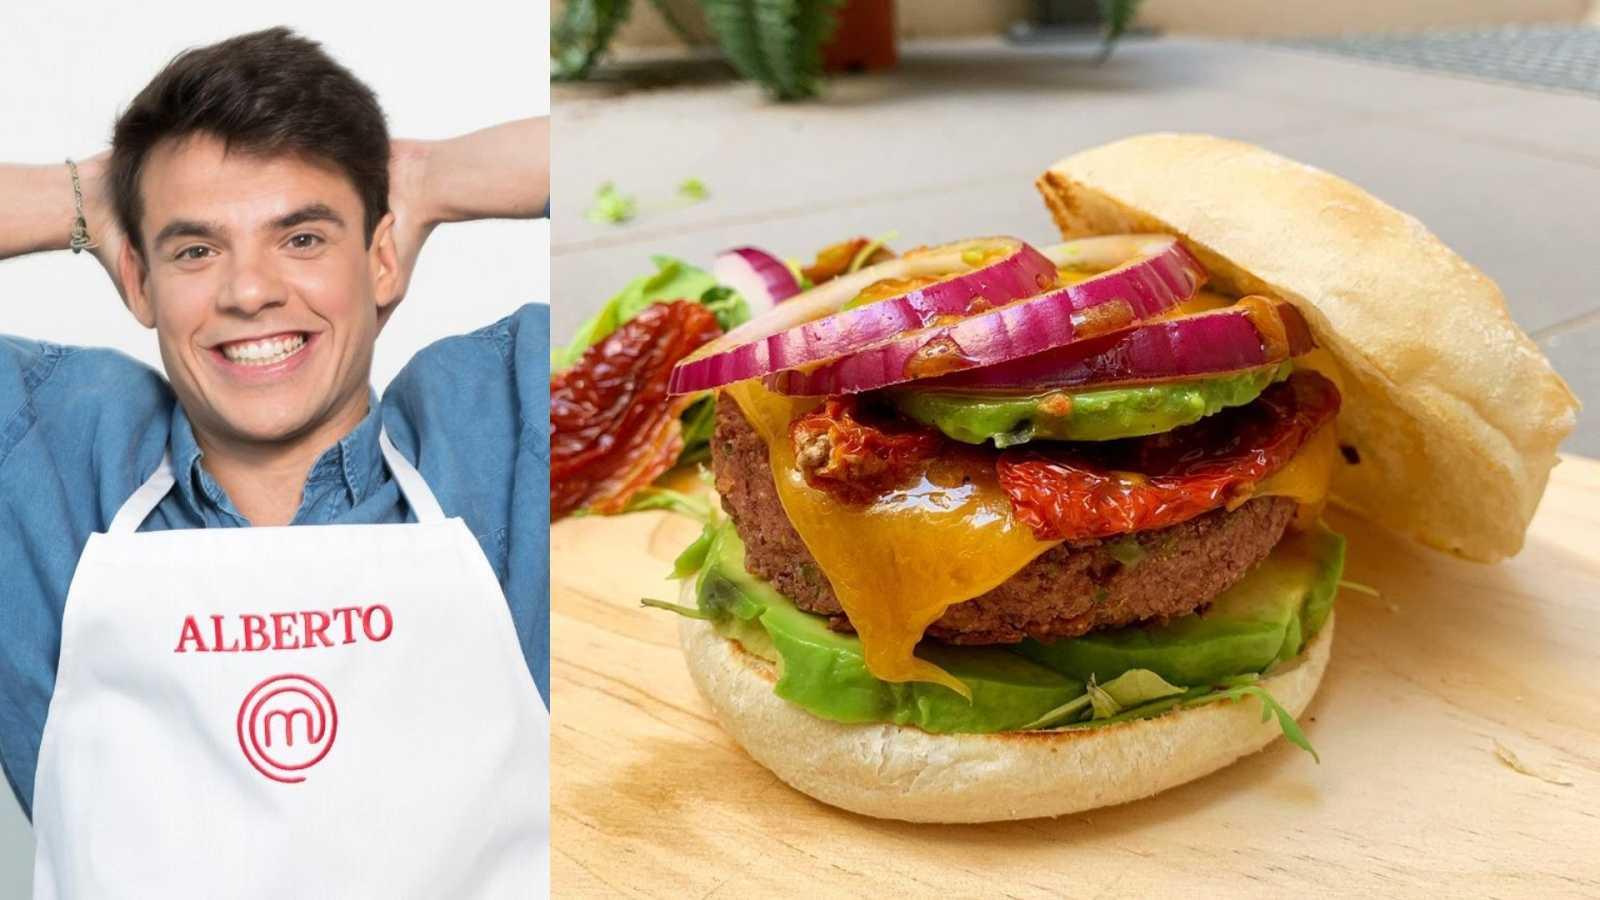 Alberto de MasterChef te enseña a hacer una hamburguesa vegetariana